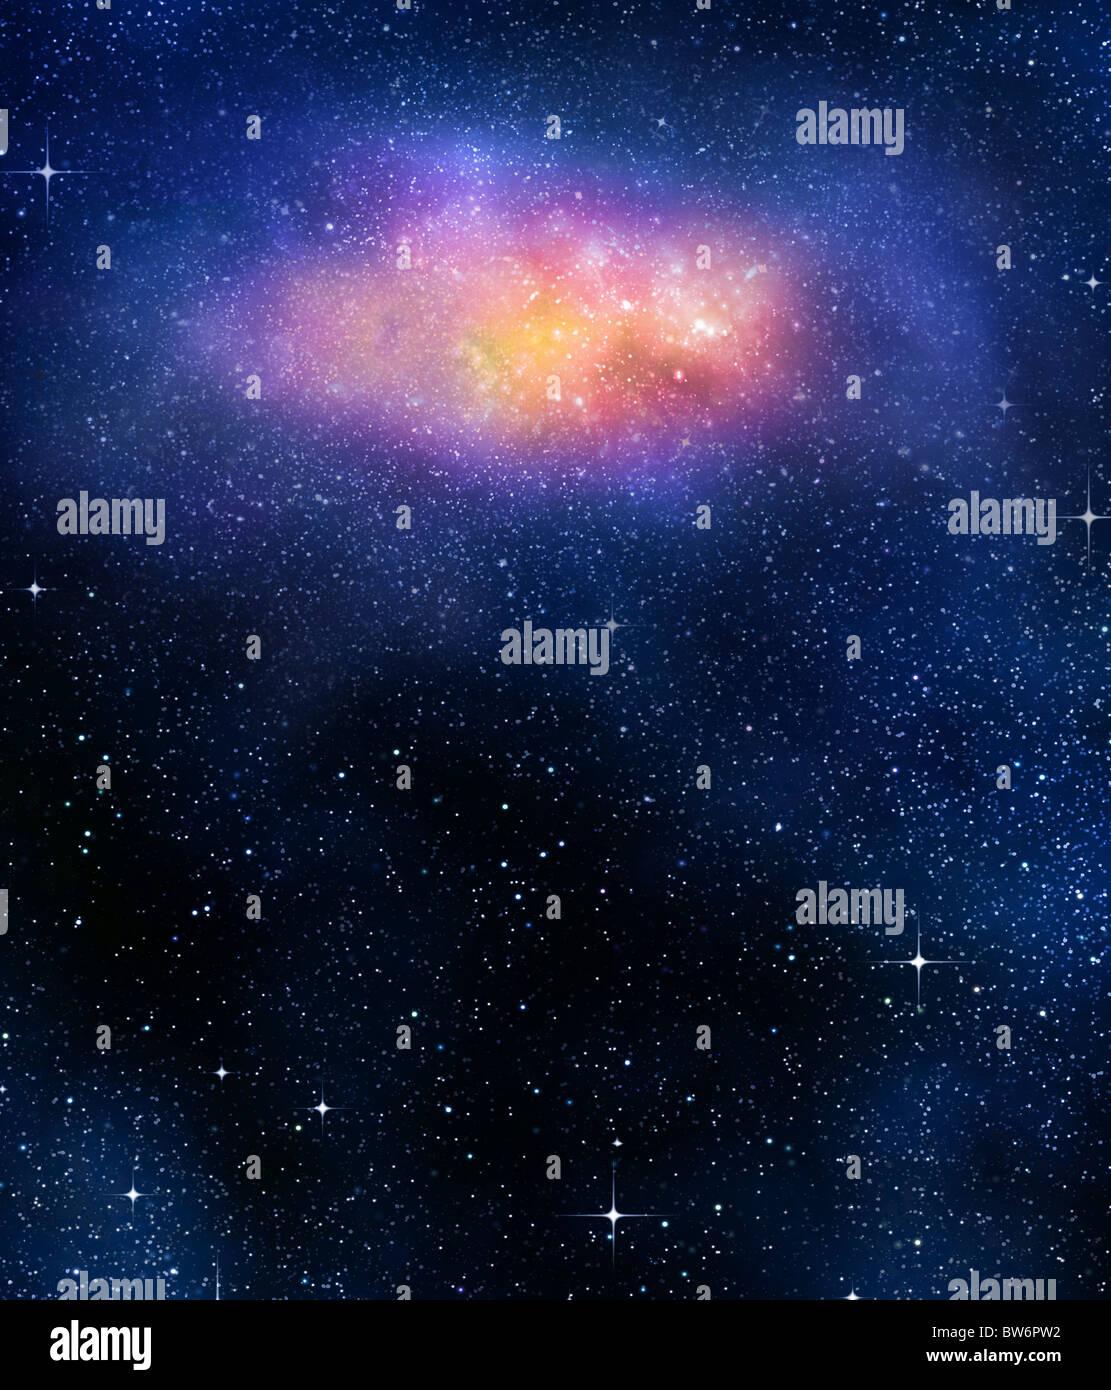 Sfondo stellato di stelle e nebulose in deep outer space Immagini Stock